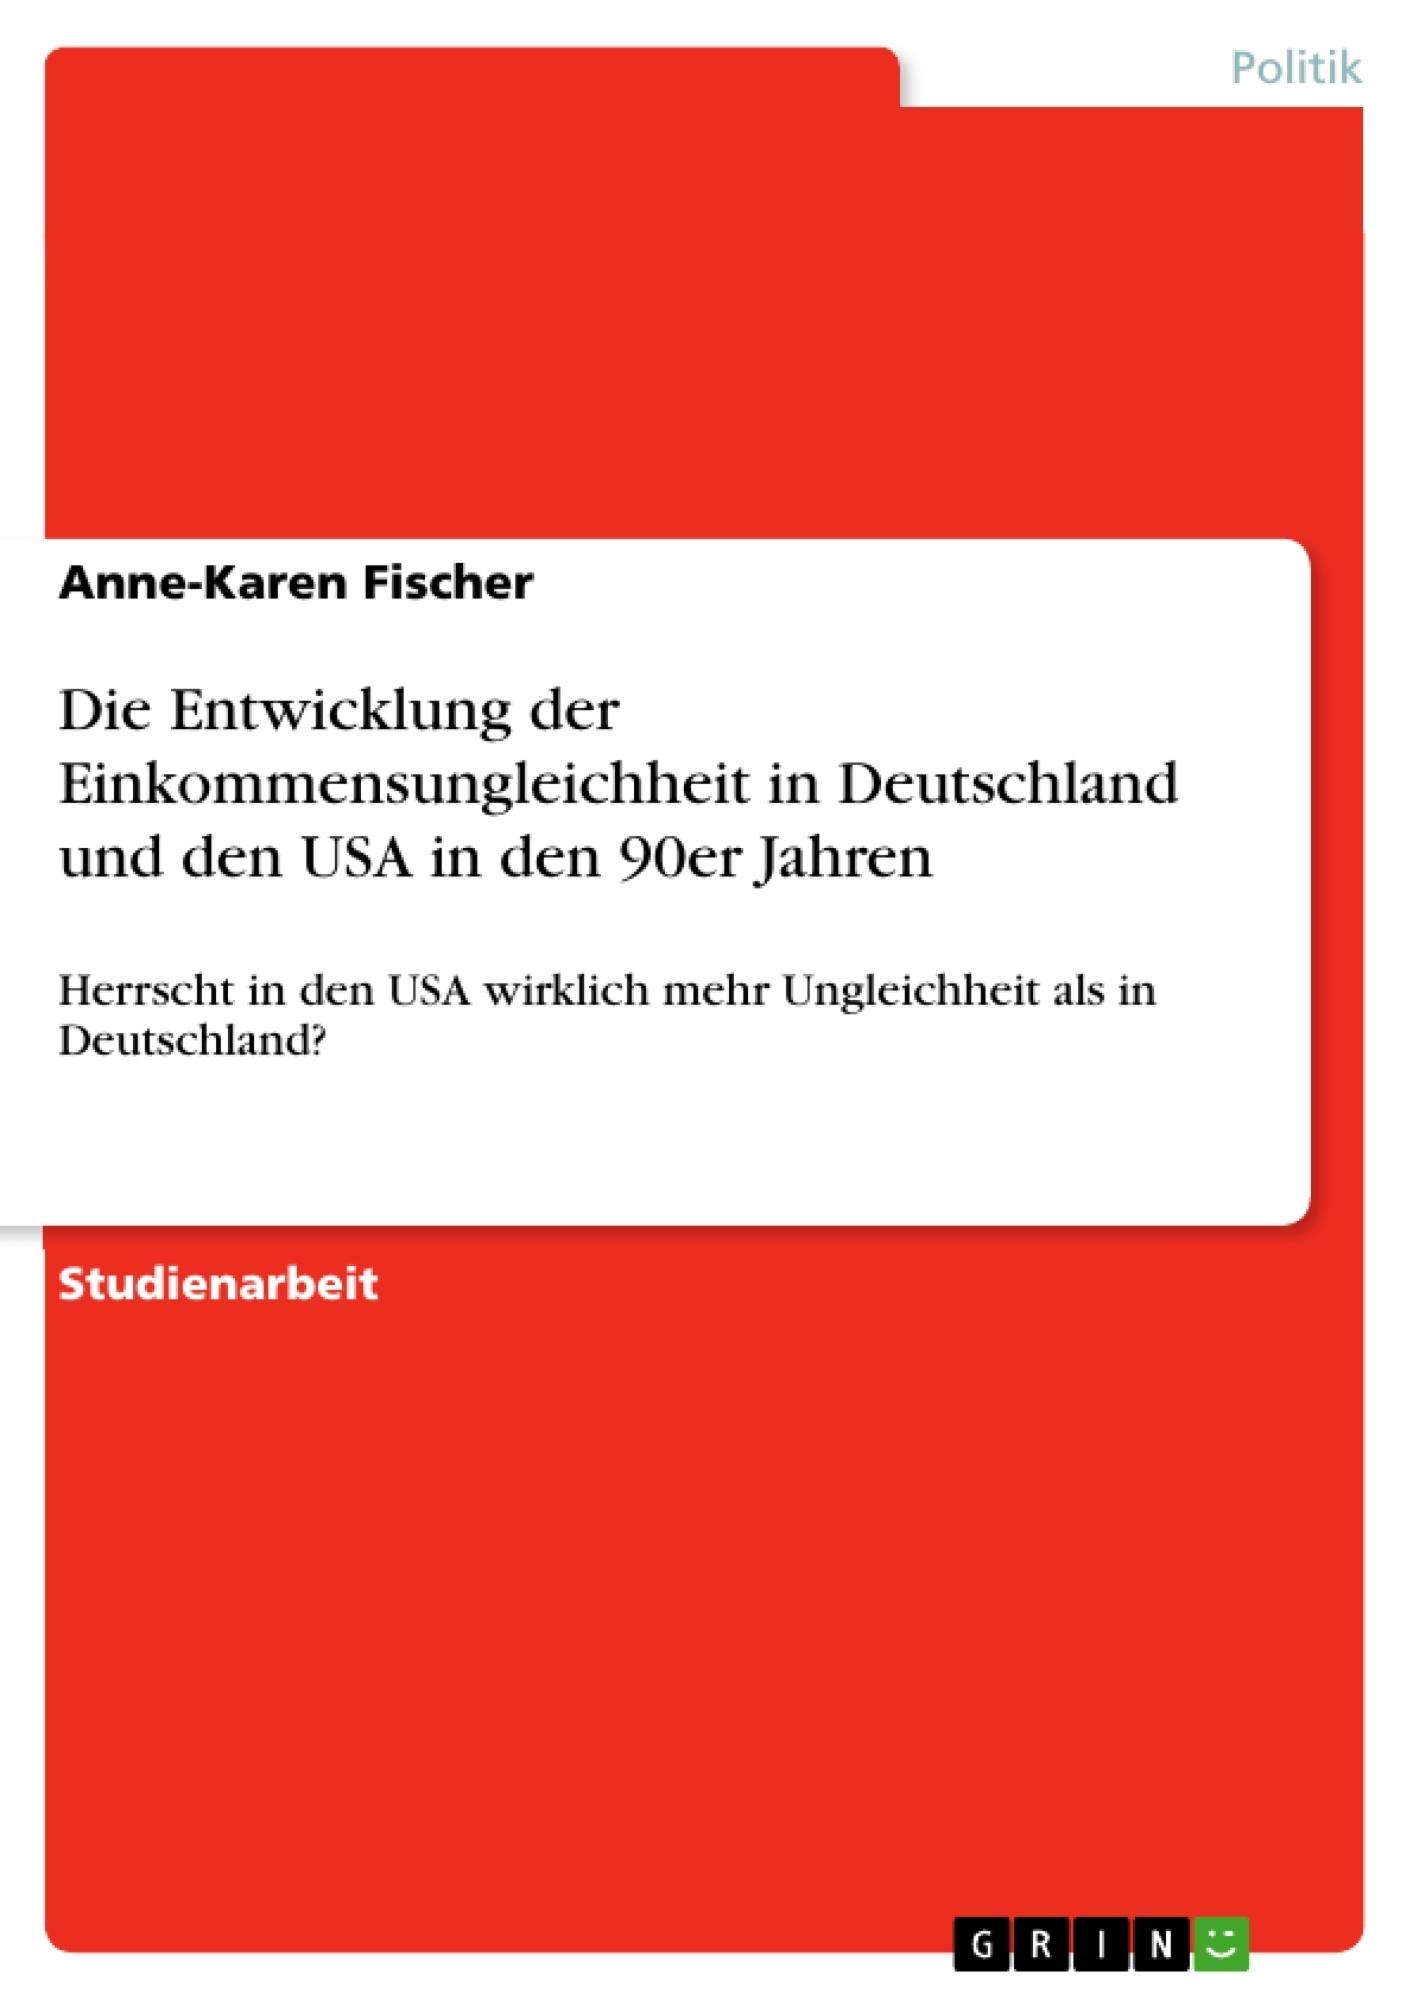 Titel: Die Entwicklung der Einkommensungleichheit in Deutschland und den USA in den 90er Jahren